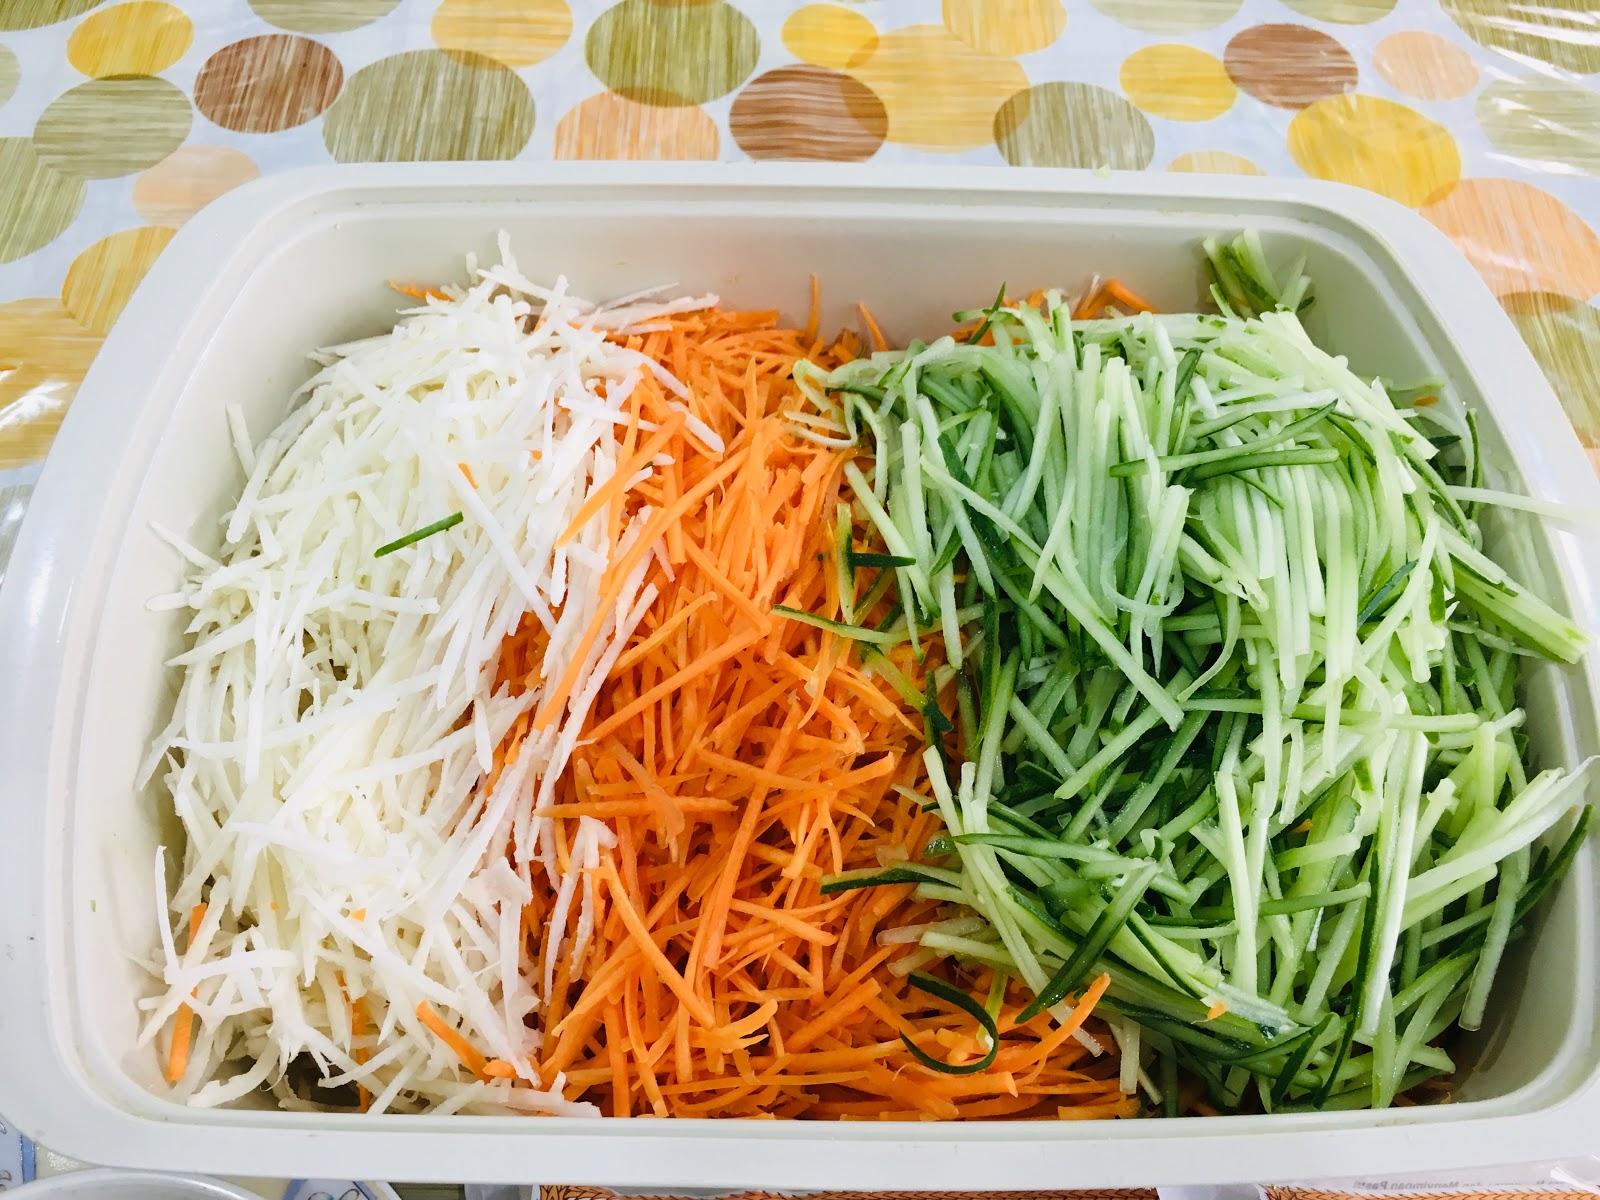 resepi popia goreng inti sayur  sedap rangup  mudah disediakan blog cik matahariku Resepi Jejari Udang Rangup Enak dan Mudah